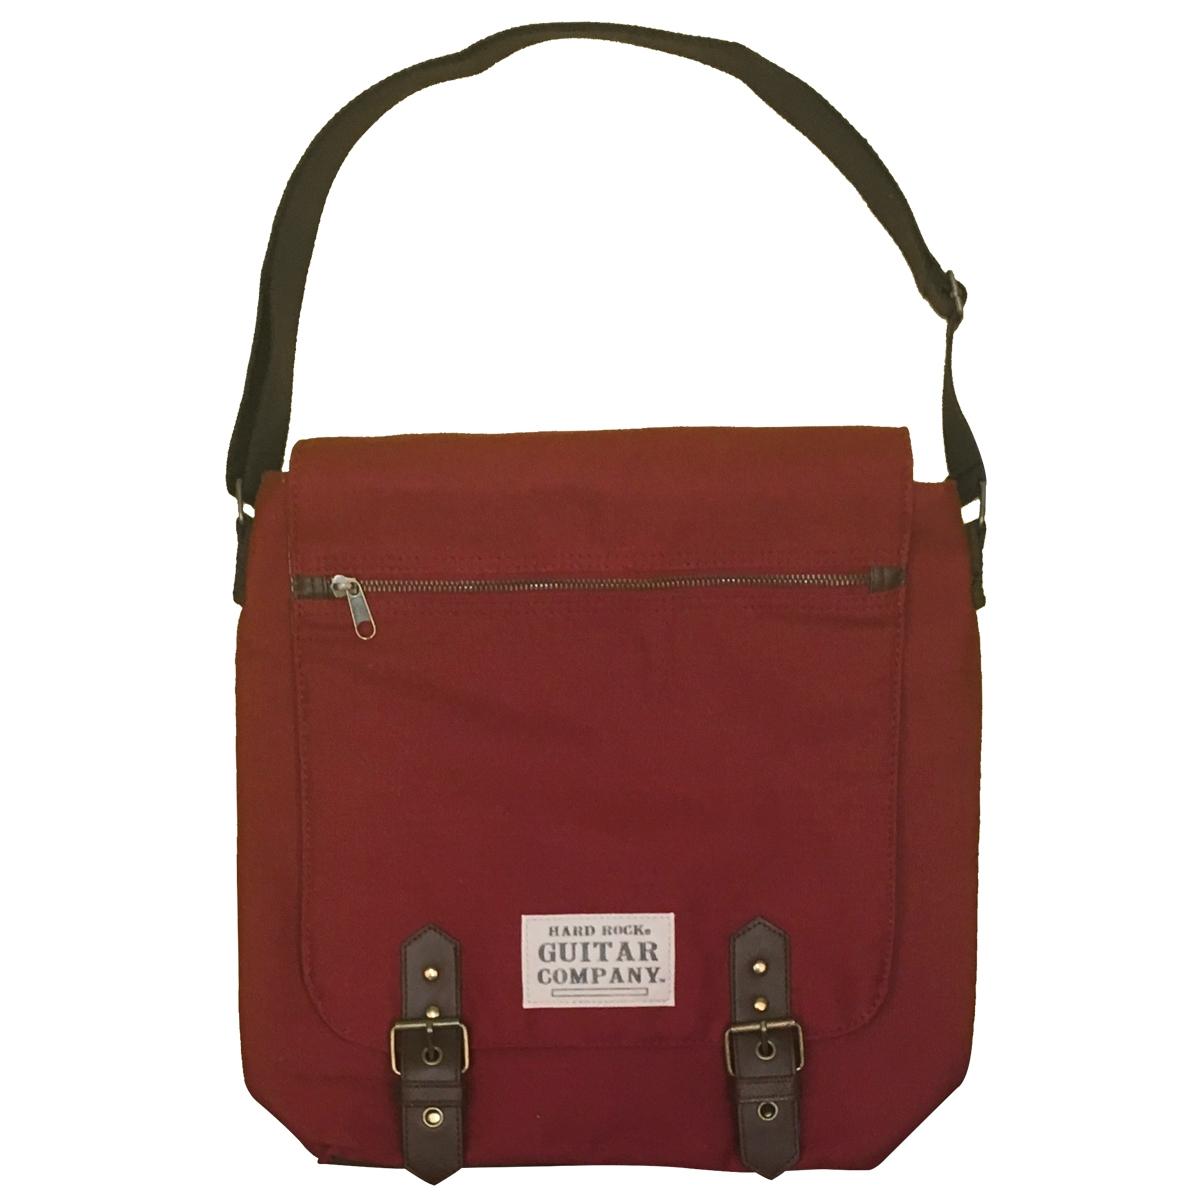 Guitar Company Messenger Bag Burgundy 0